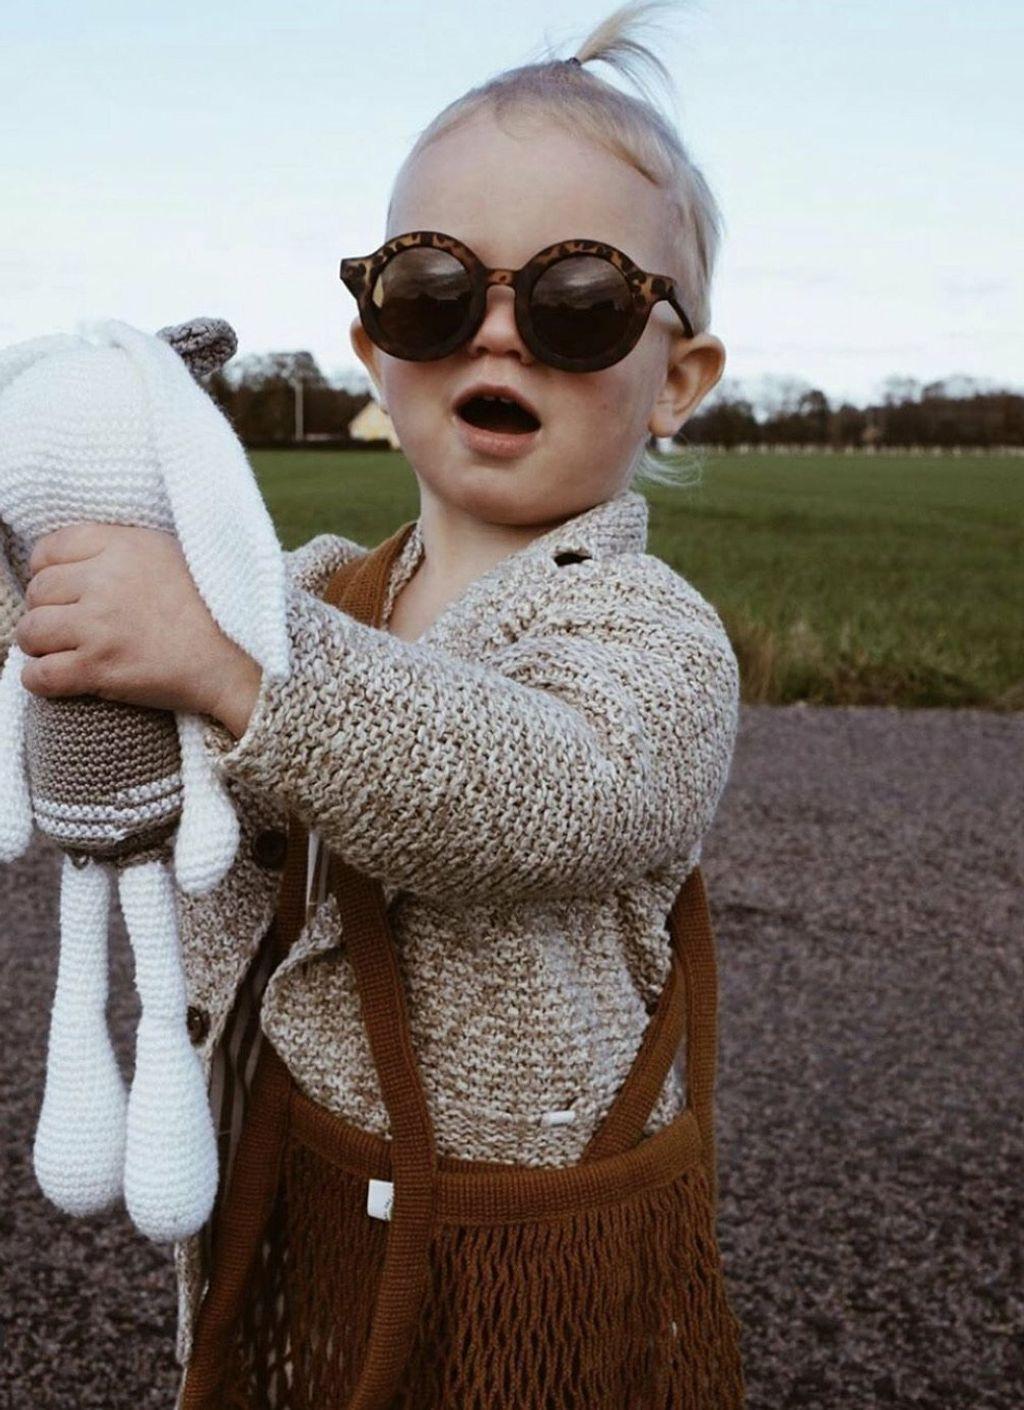 BabyMocs-Sunnies-Social-Media24.JPG